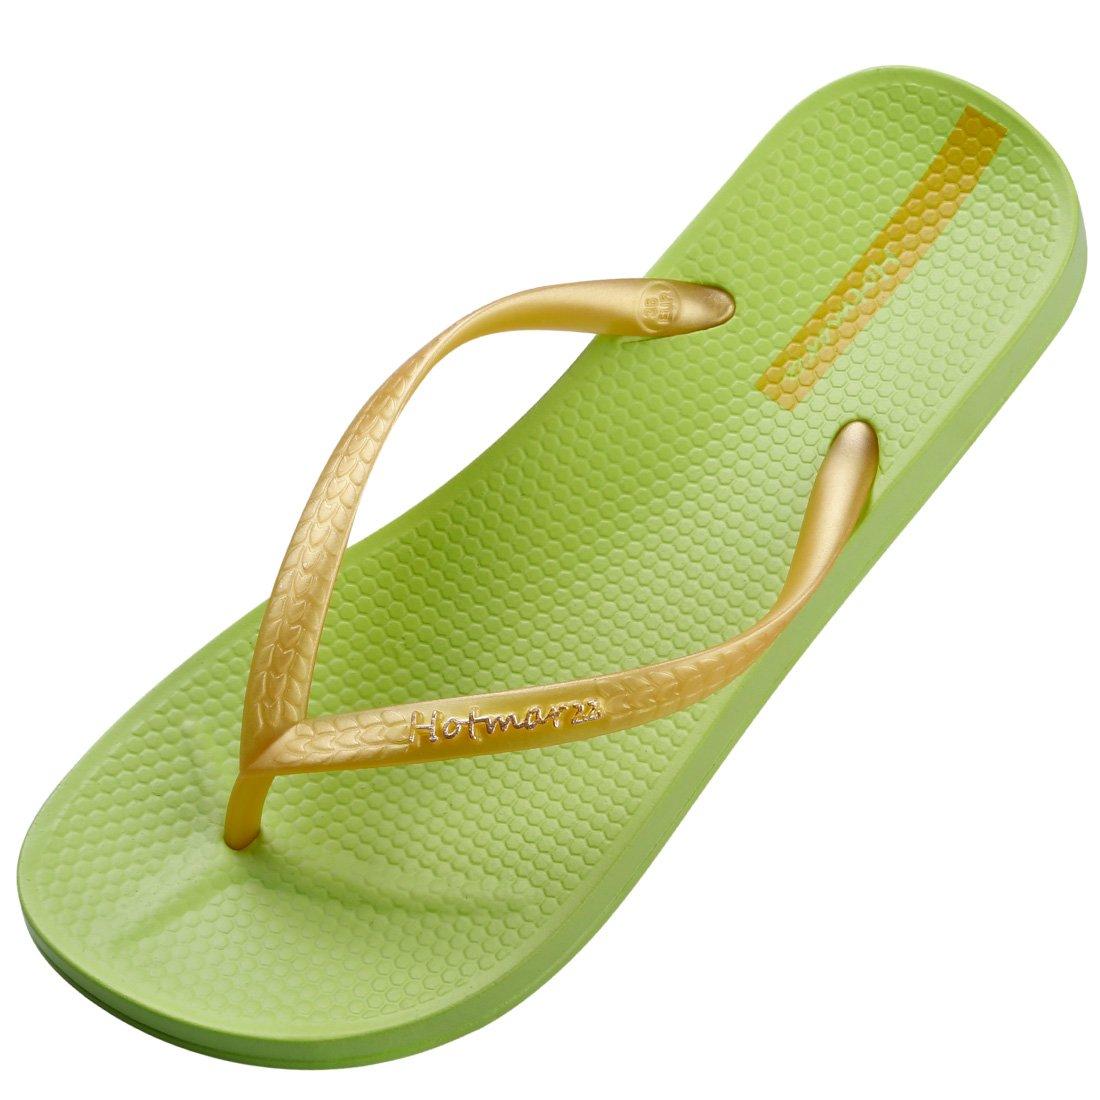 Hotmarzz Women's Slim Flip Flops Summer Sandals Beach Slippers Shower Shoes (9 B(M) US/40 EU, Lime)